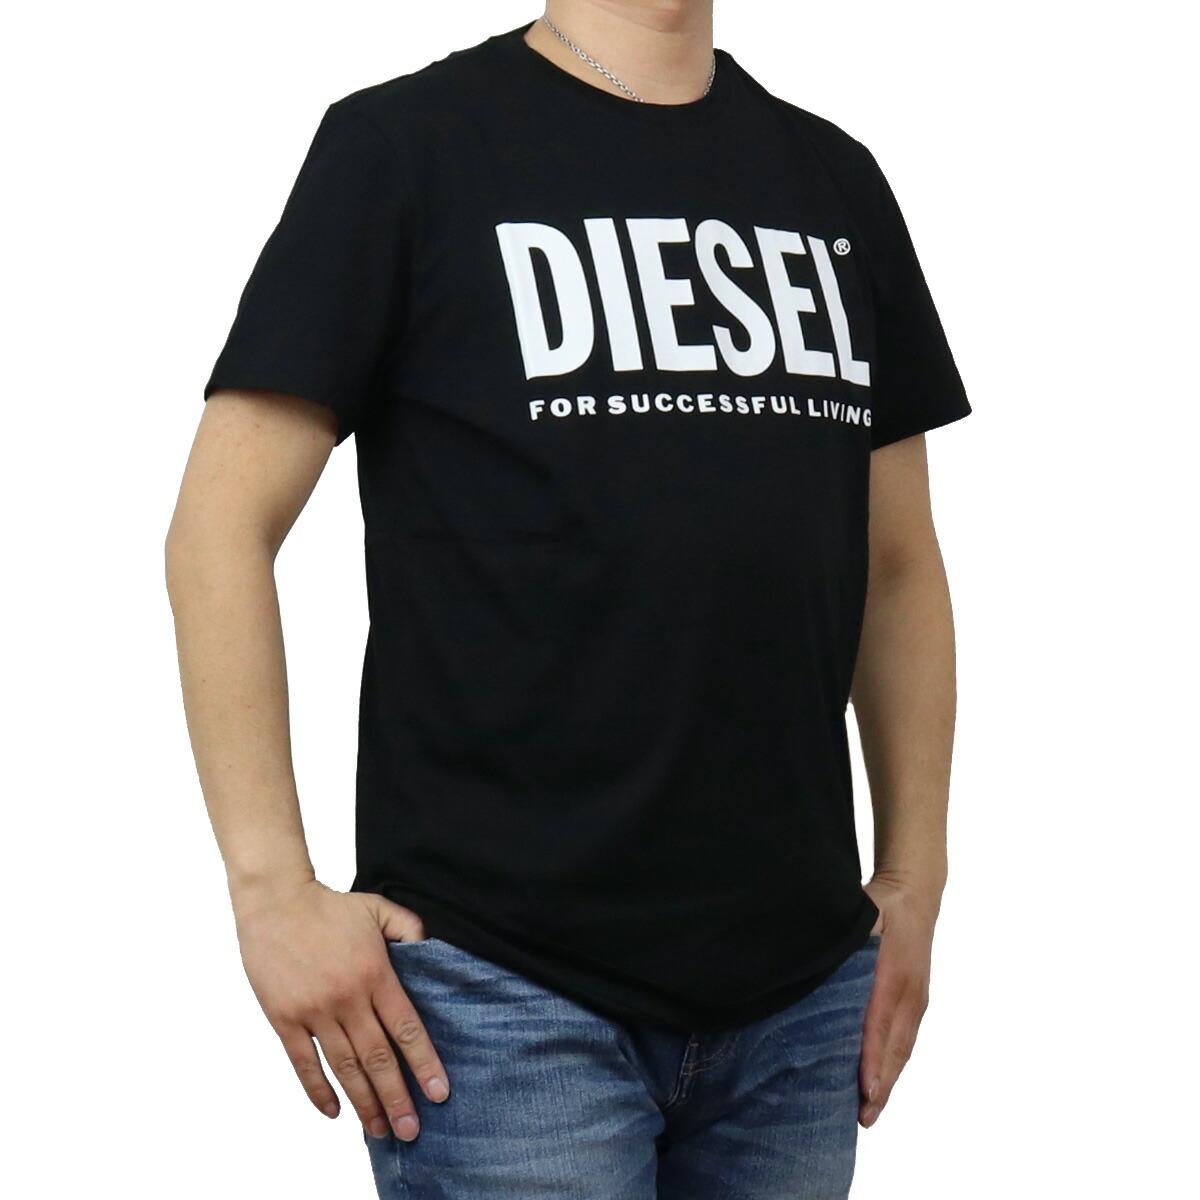 ディーゼル DIESEL メンズ-Tシャツ 00SXED 0AAXJ 900 ブラック bos-43 apparel-01 ts-01 メンズ